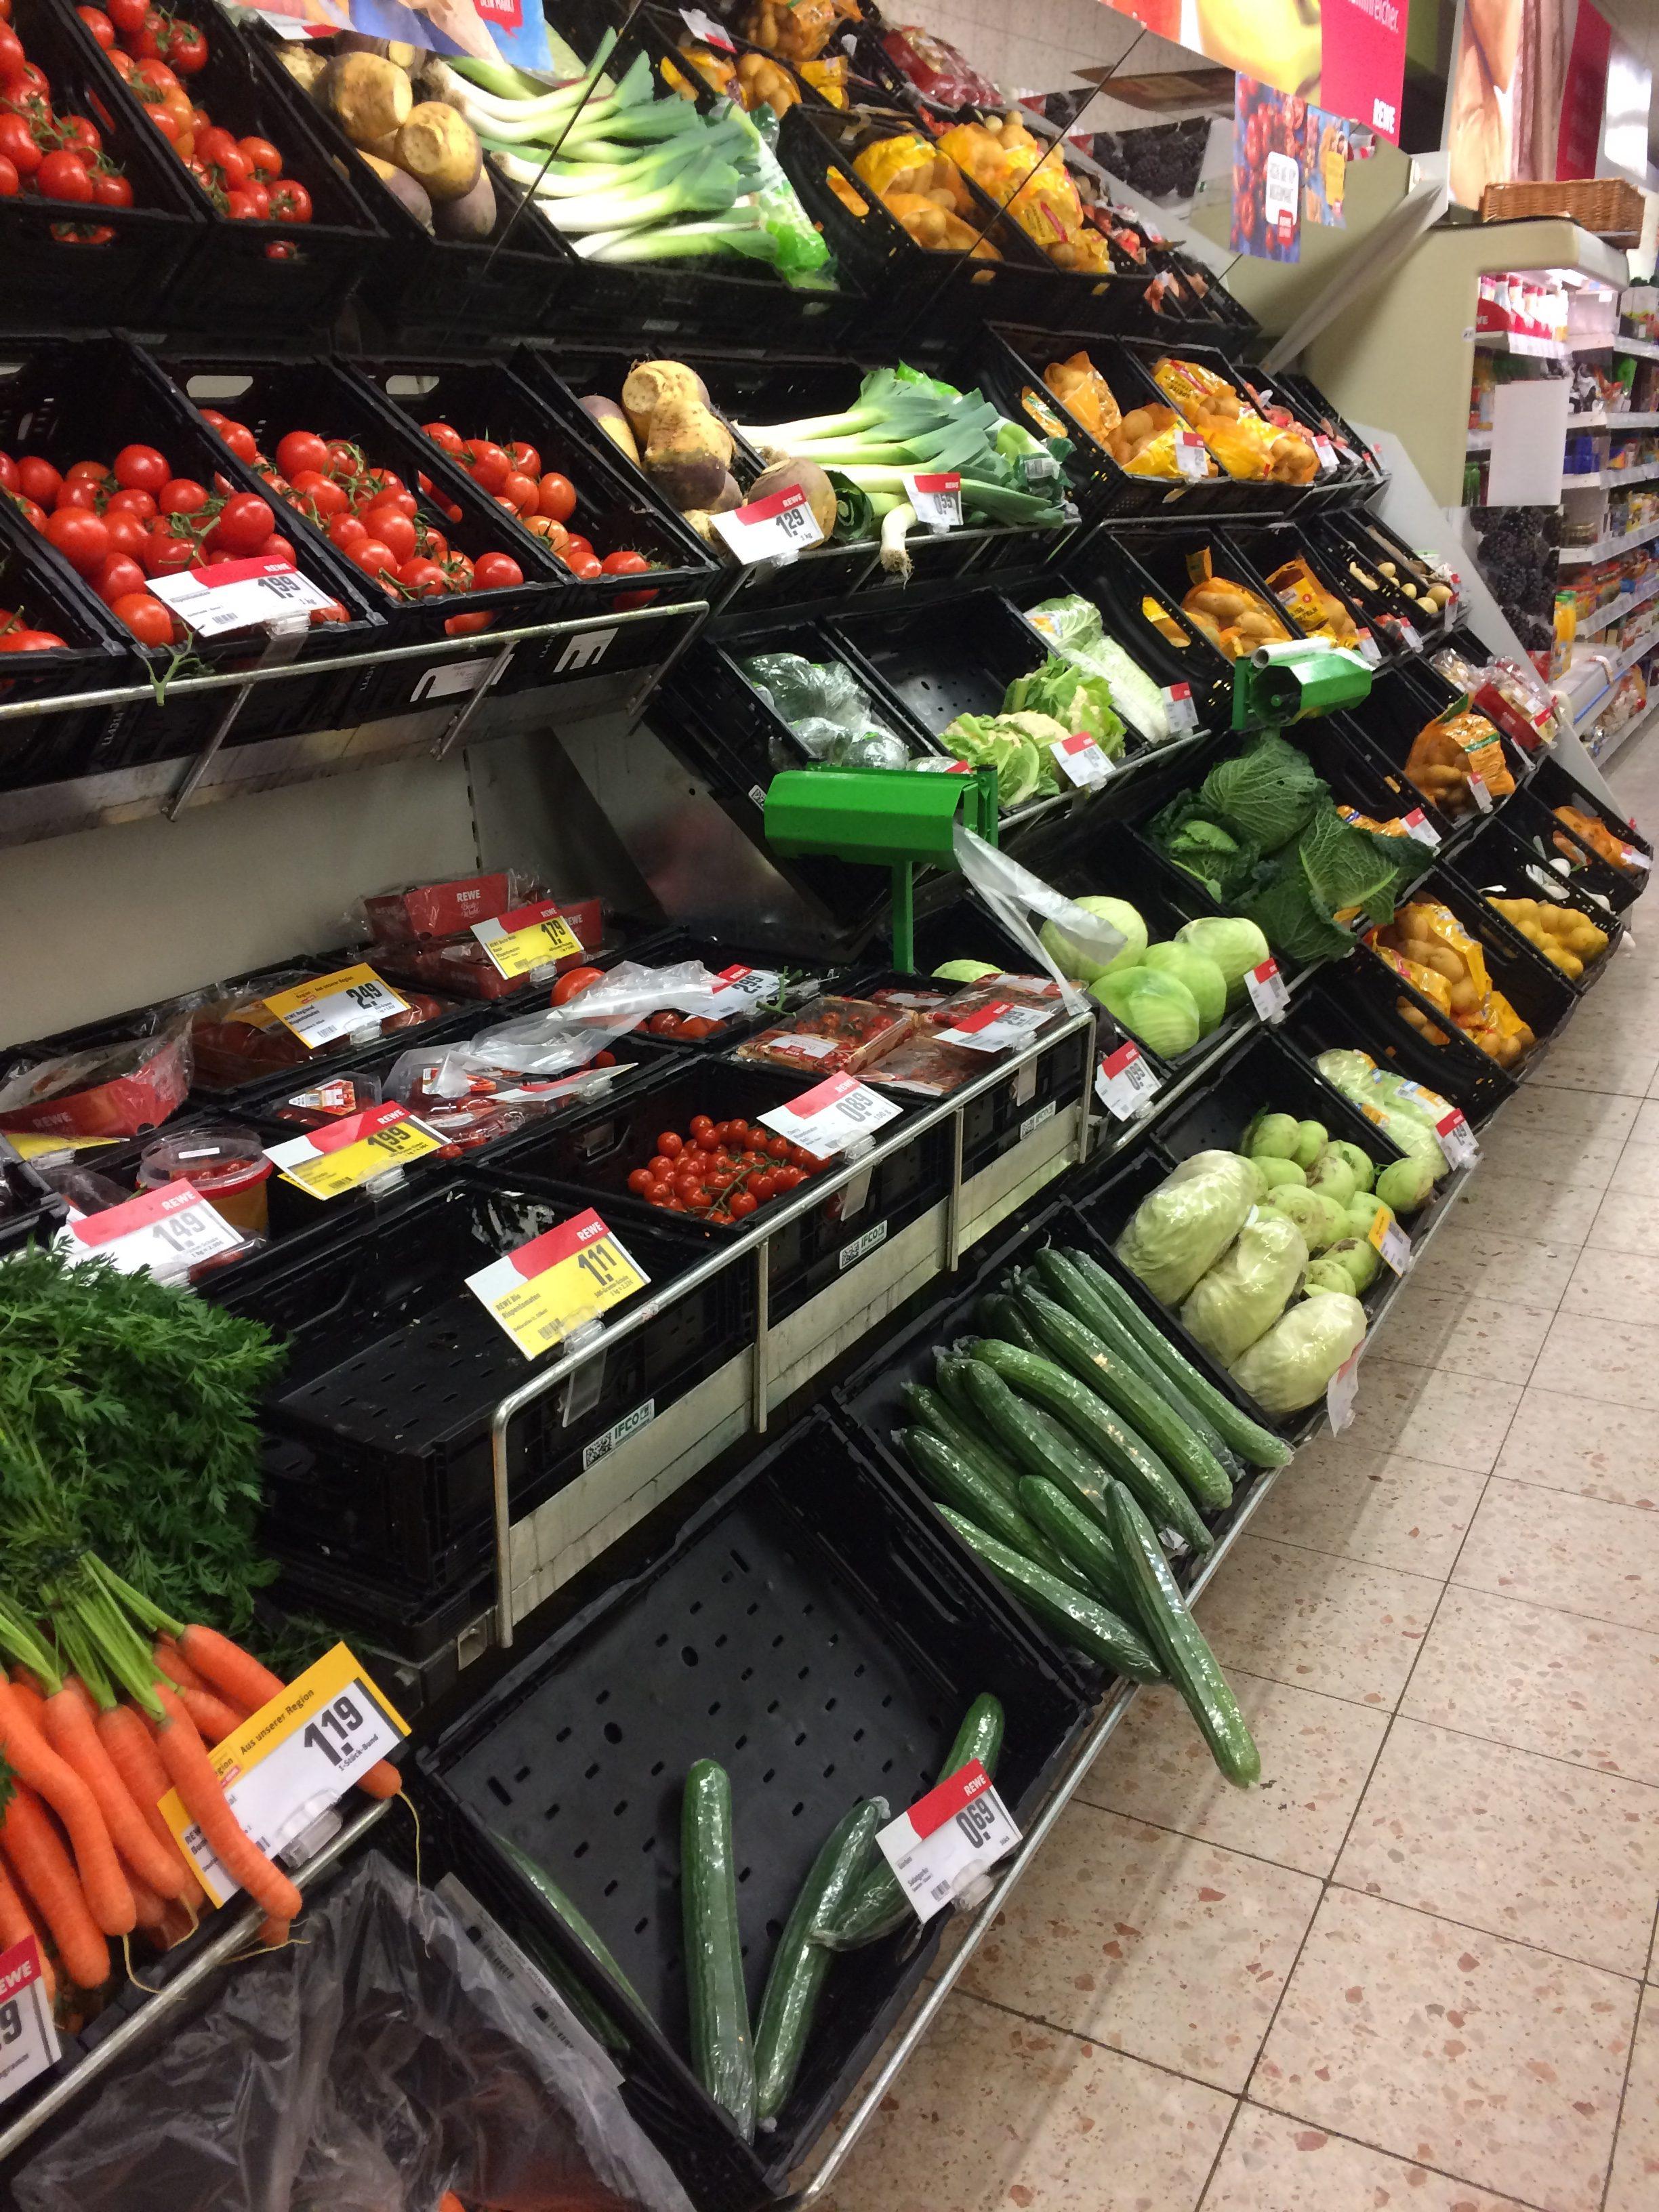 Ein Rewe-Markt der eigentlich noch ein Comet ist - Supermarkt Inside